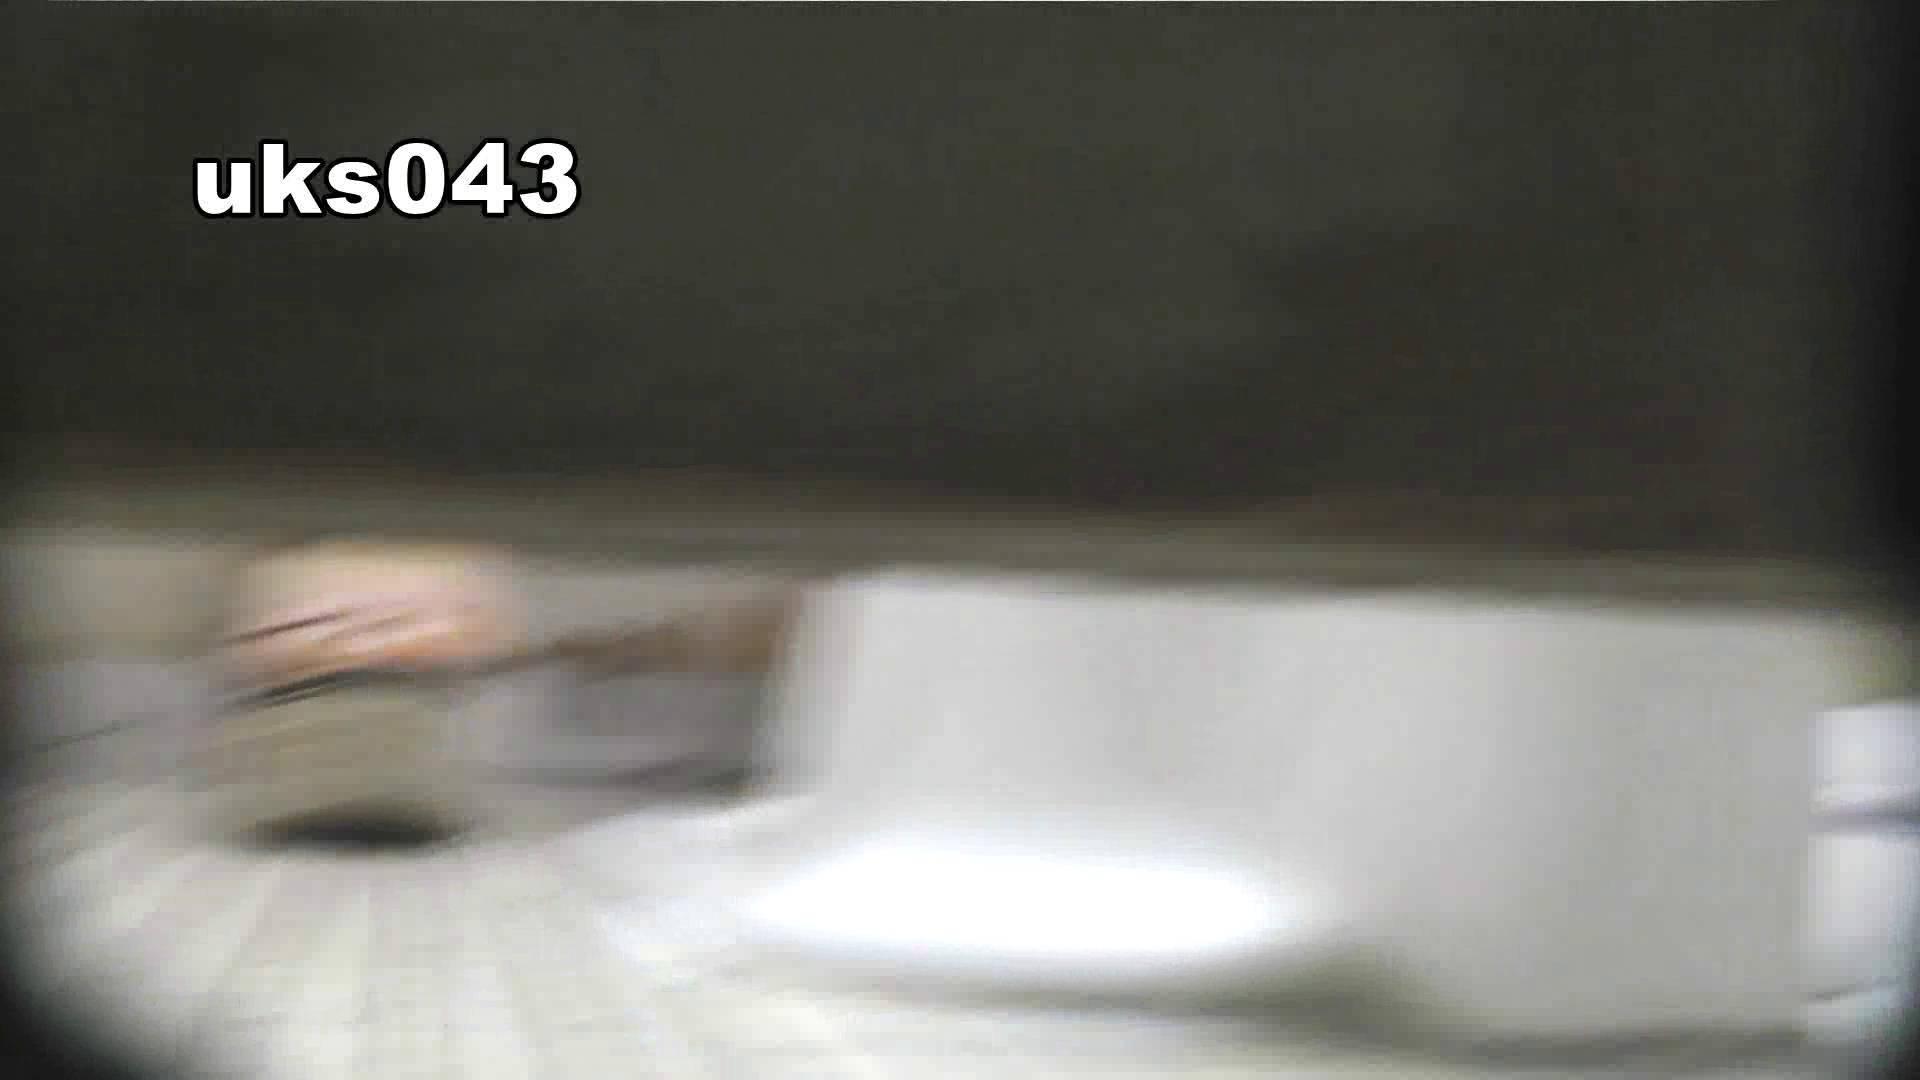 【美しき個室な世界】 vol.043 緊迫状況 洗面所 | OLの実態  100pic 11